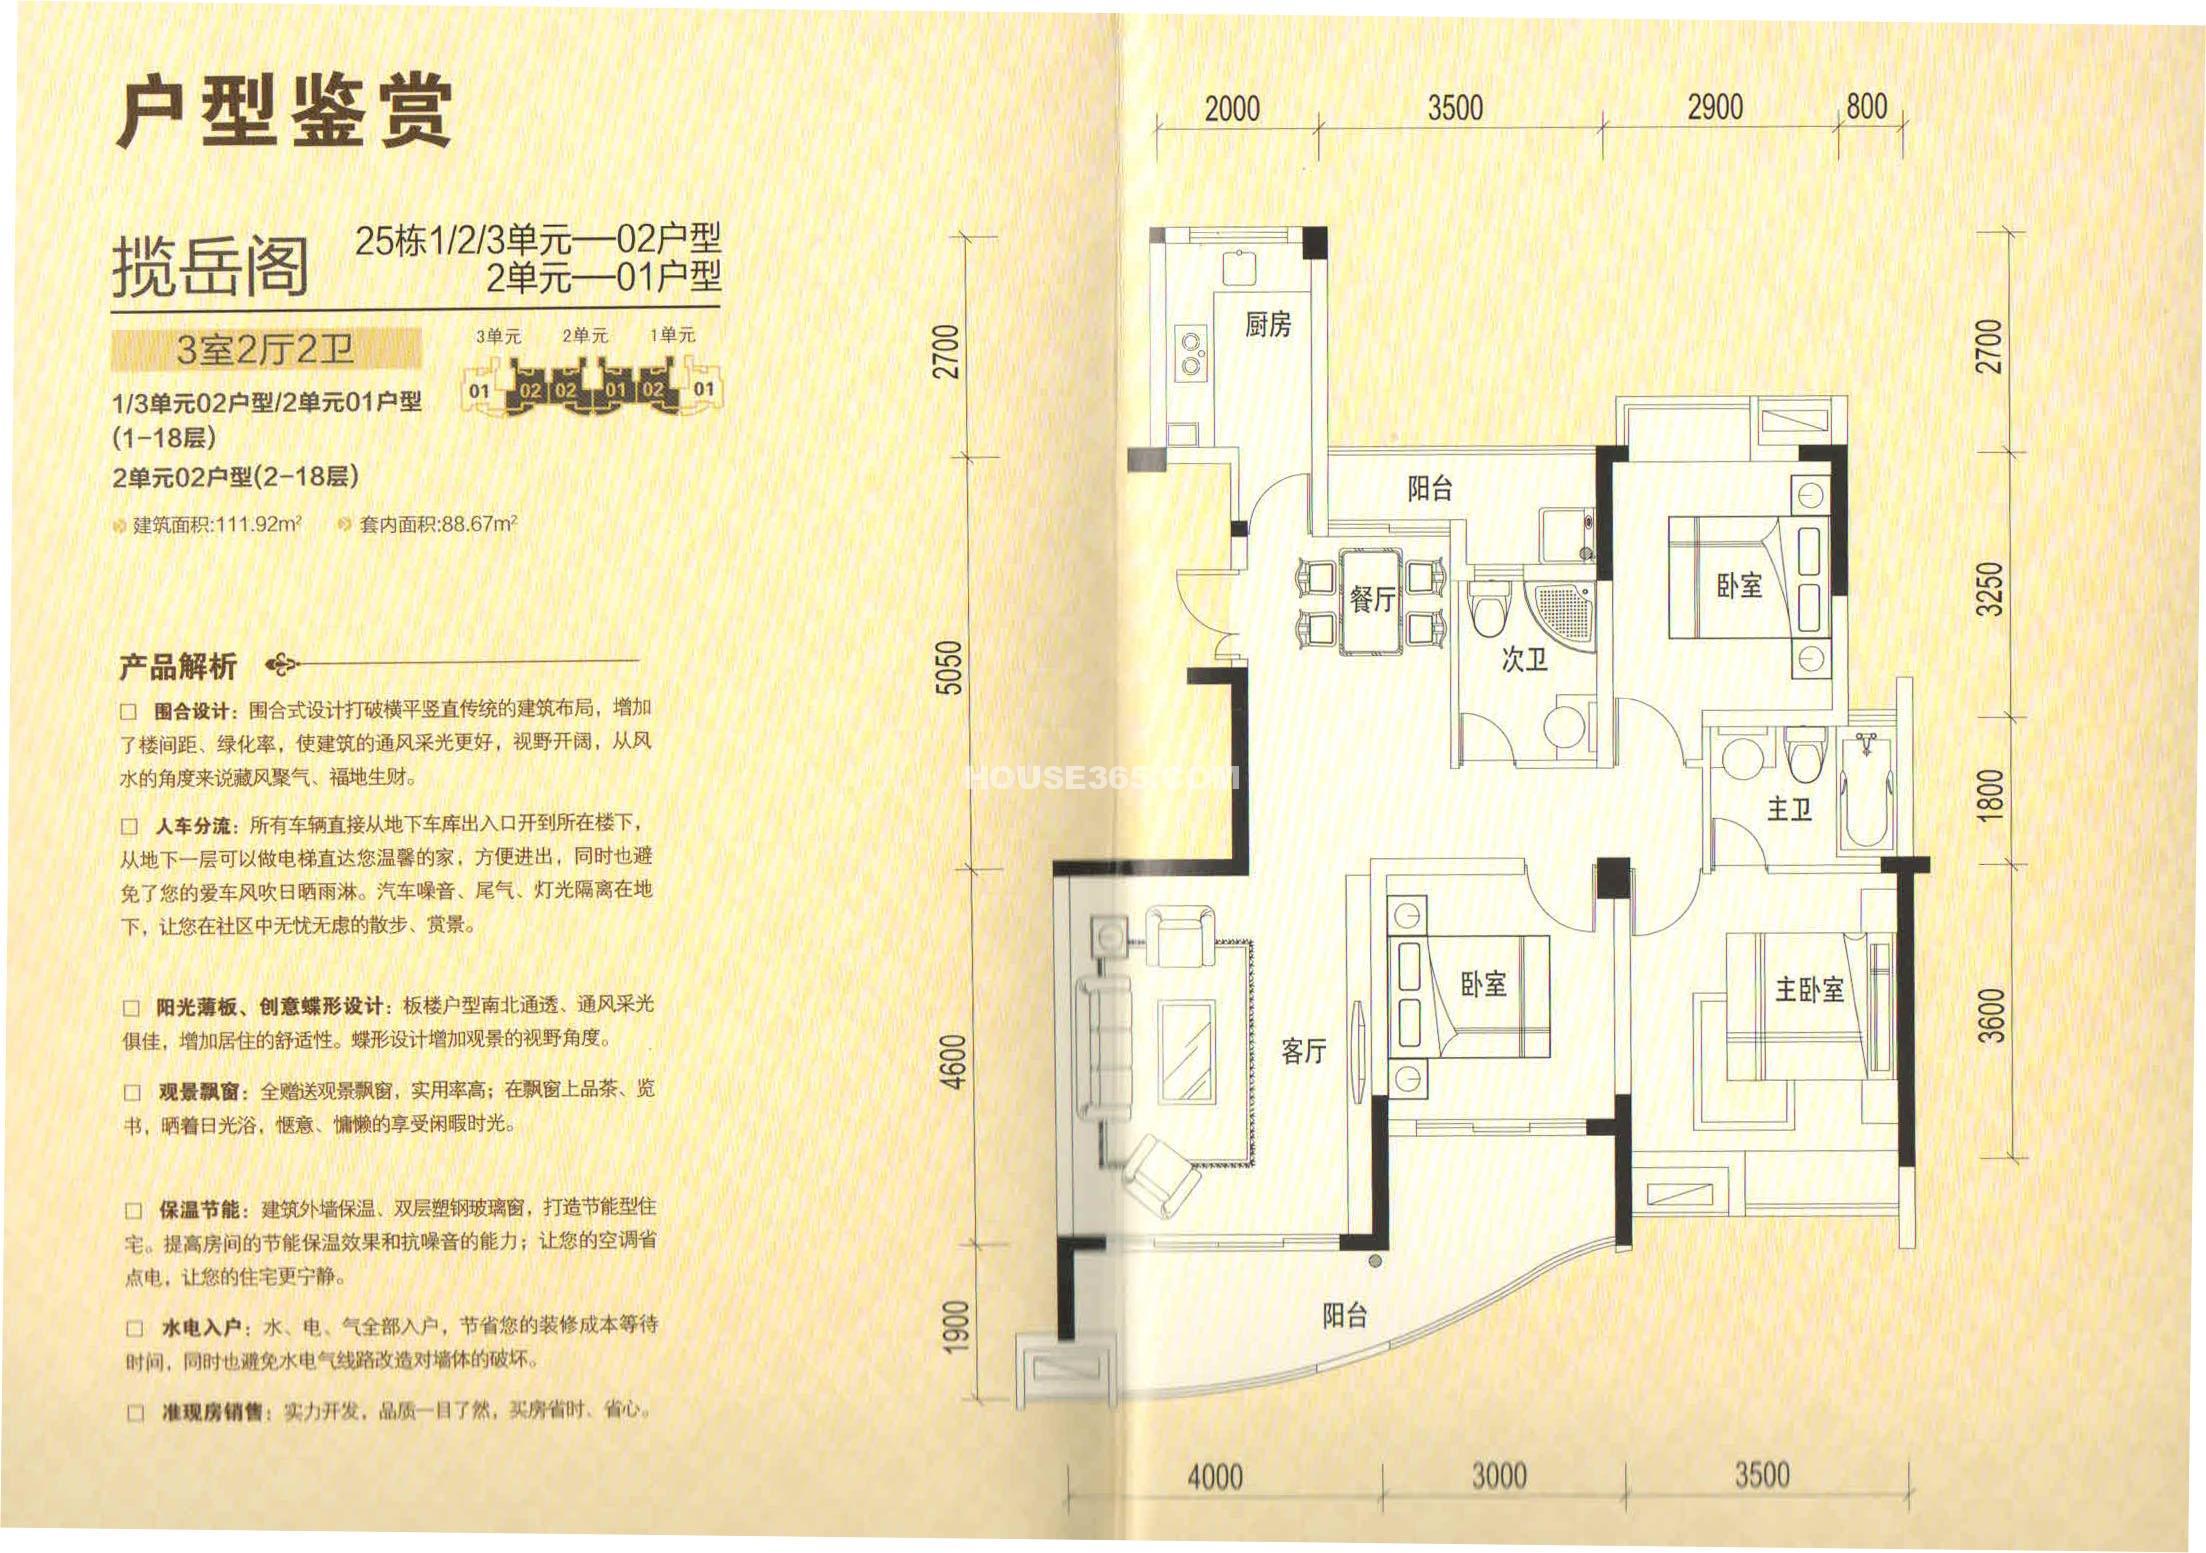 世纪金源御府揽岳阁25栋1/2/3单元-02 2单元01户型三室两厅两卫111.